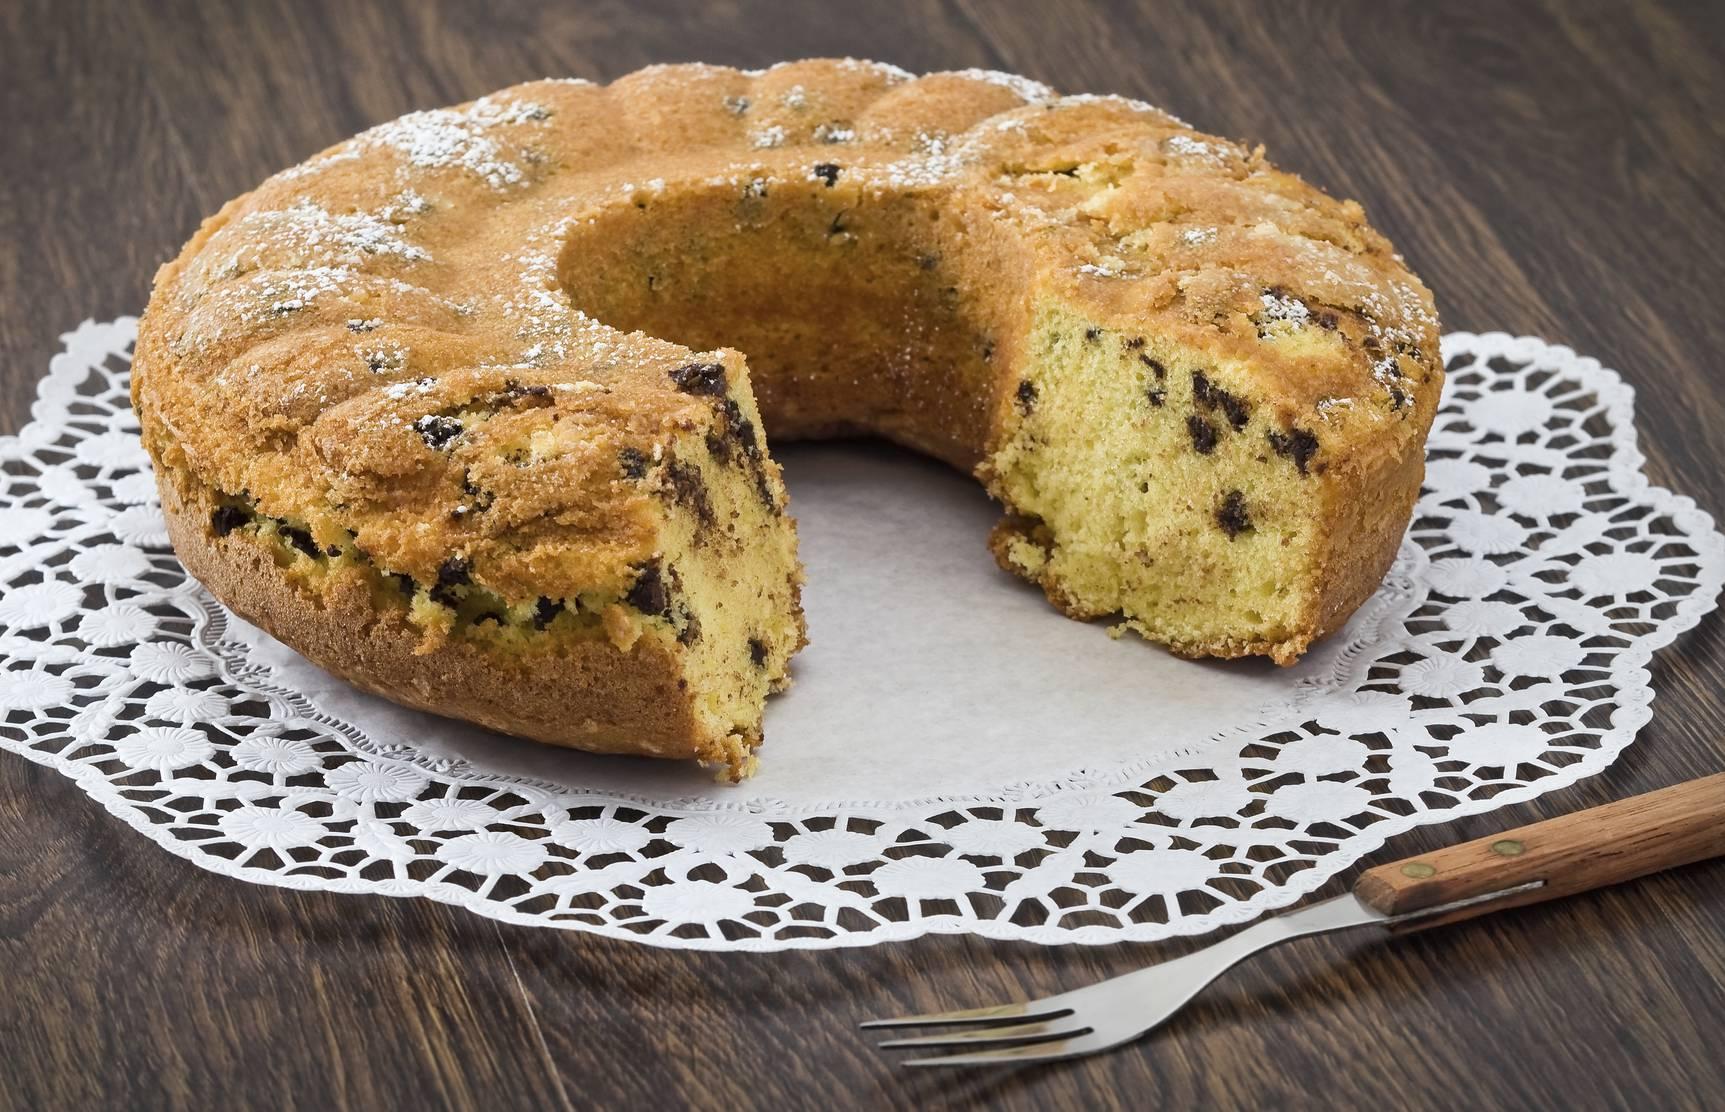 Torta cocco, cioccolato e albumi, una soffice delizia per colazione